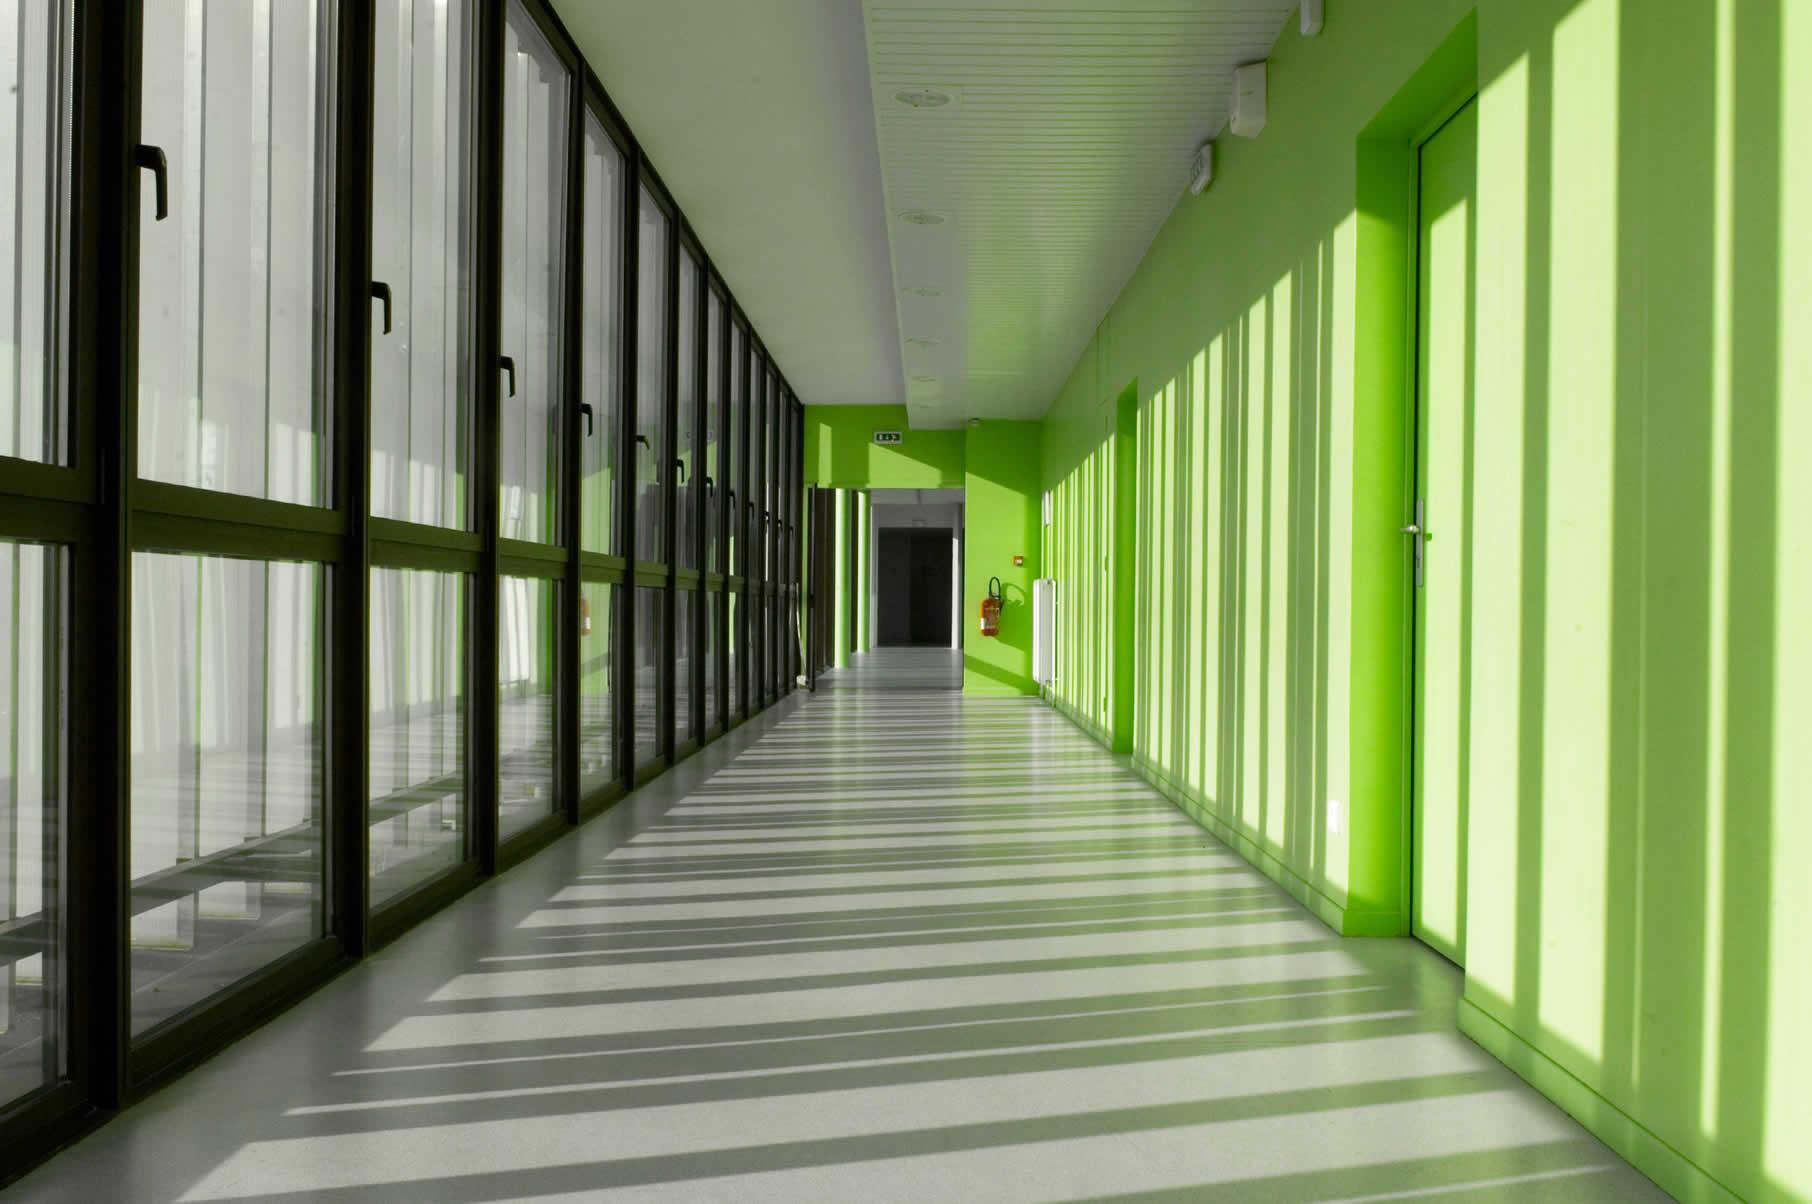 lycee sevigne - AMA Architectes